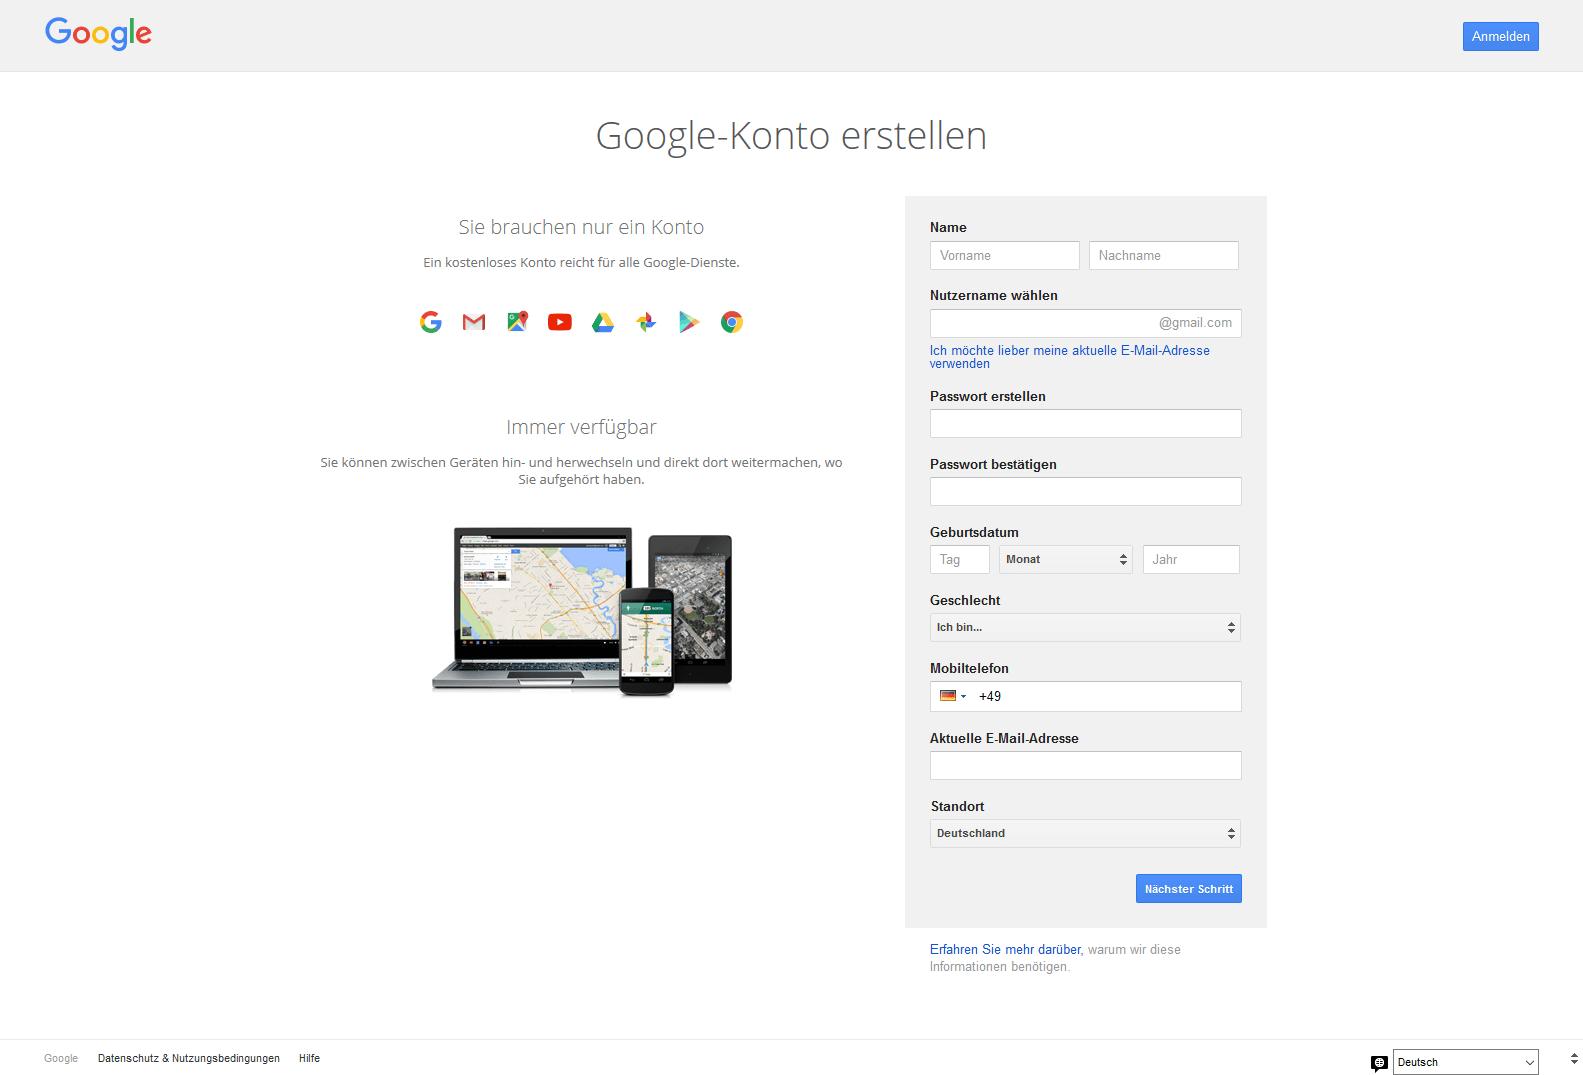 Ein screenshot der Webseite Google-Konto erstellen